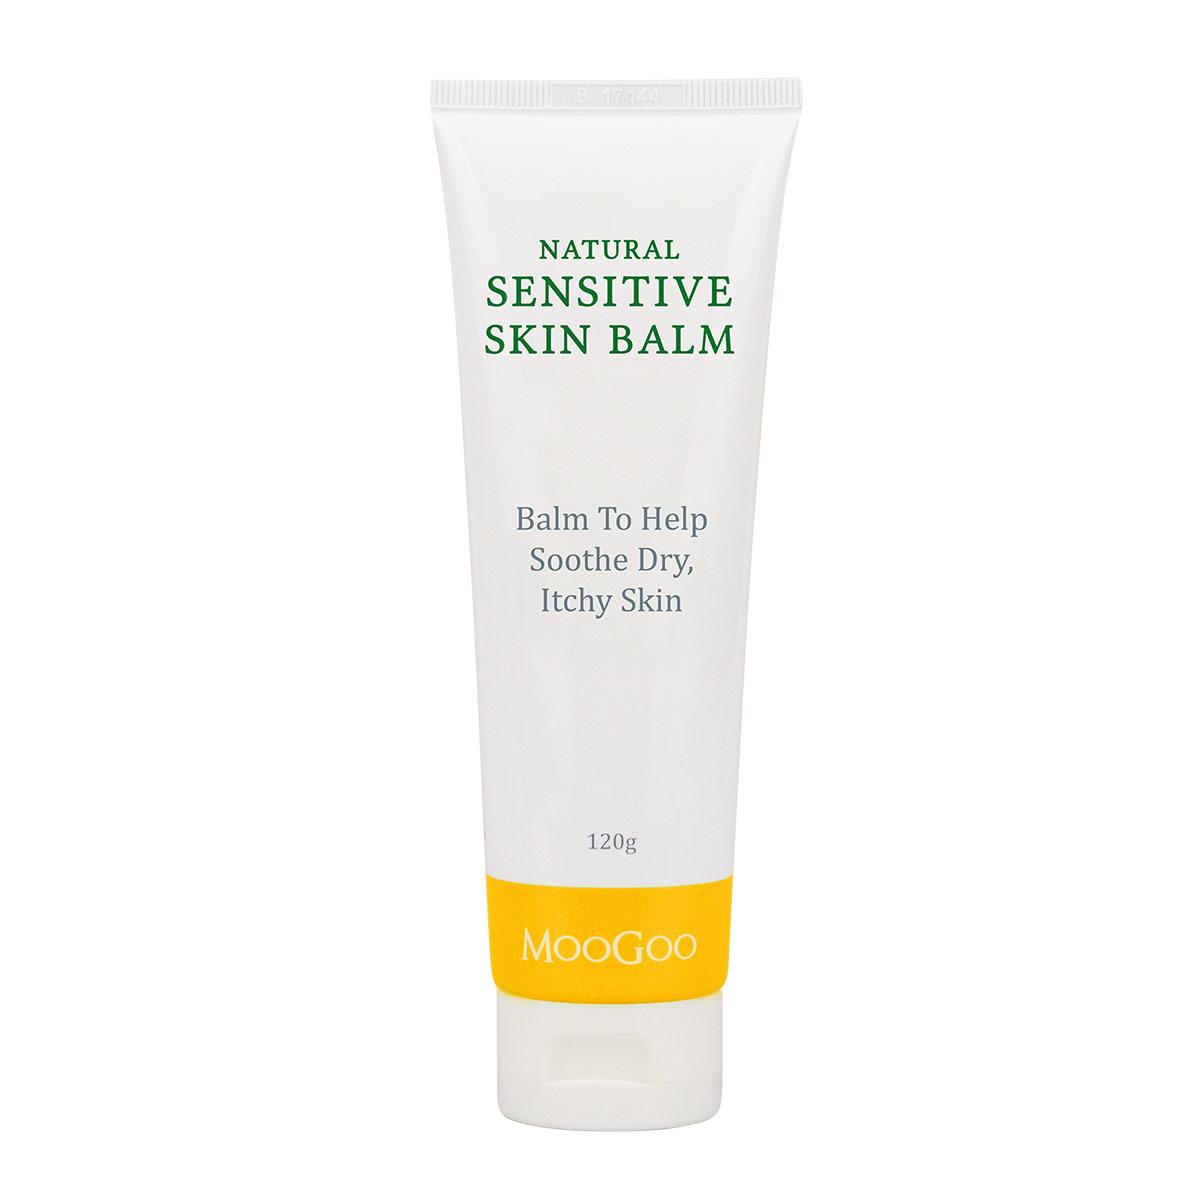 Sensitive Skin Balm